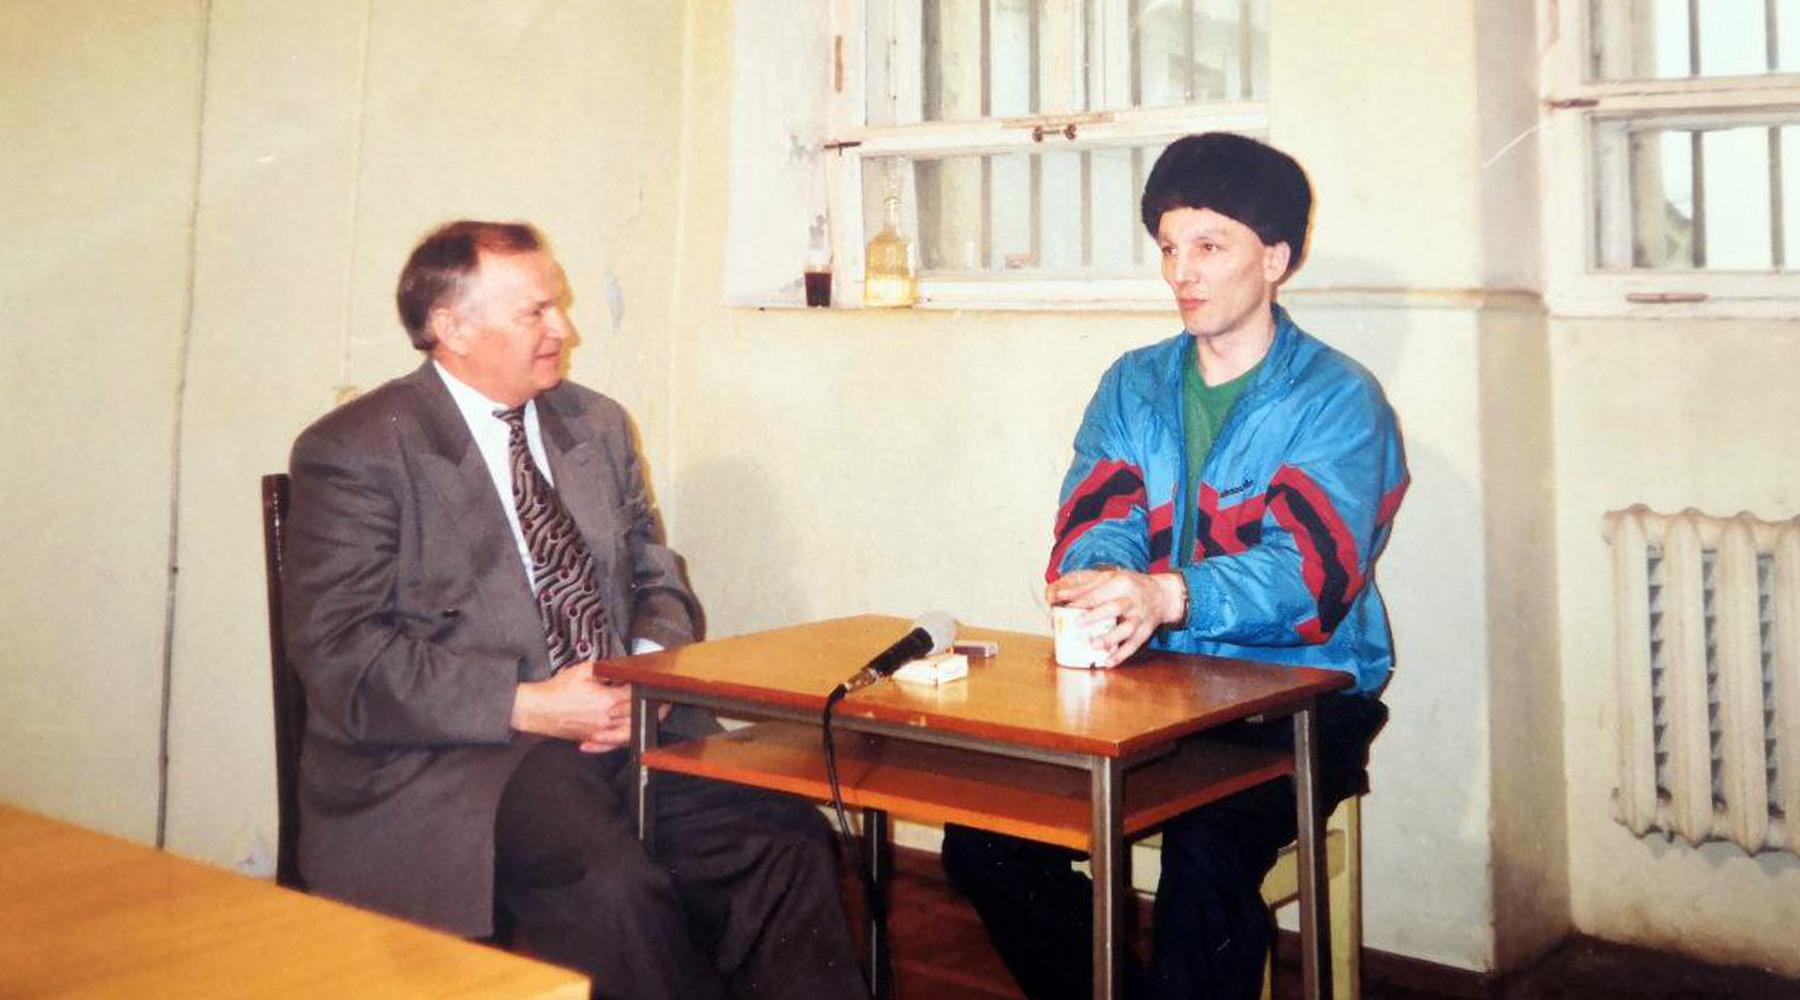 Пробудил чувства: 30 лет назад рецидивист Сергей Мадуев едва не сбежал из СИЗО при содействии следователя2